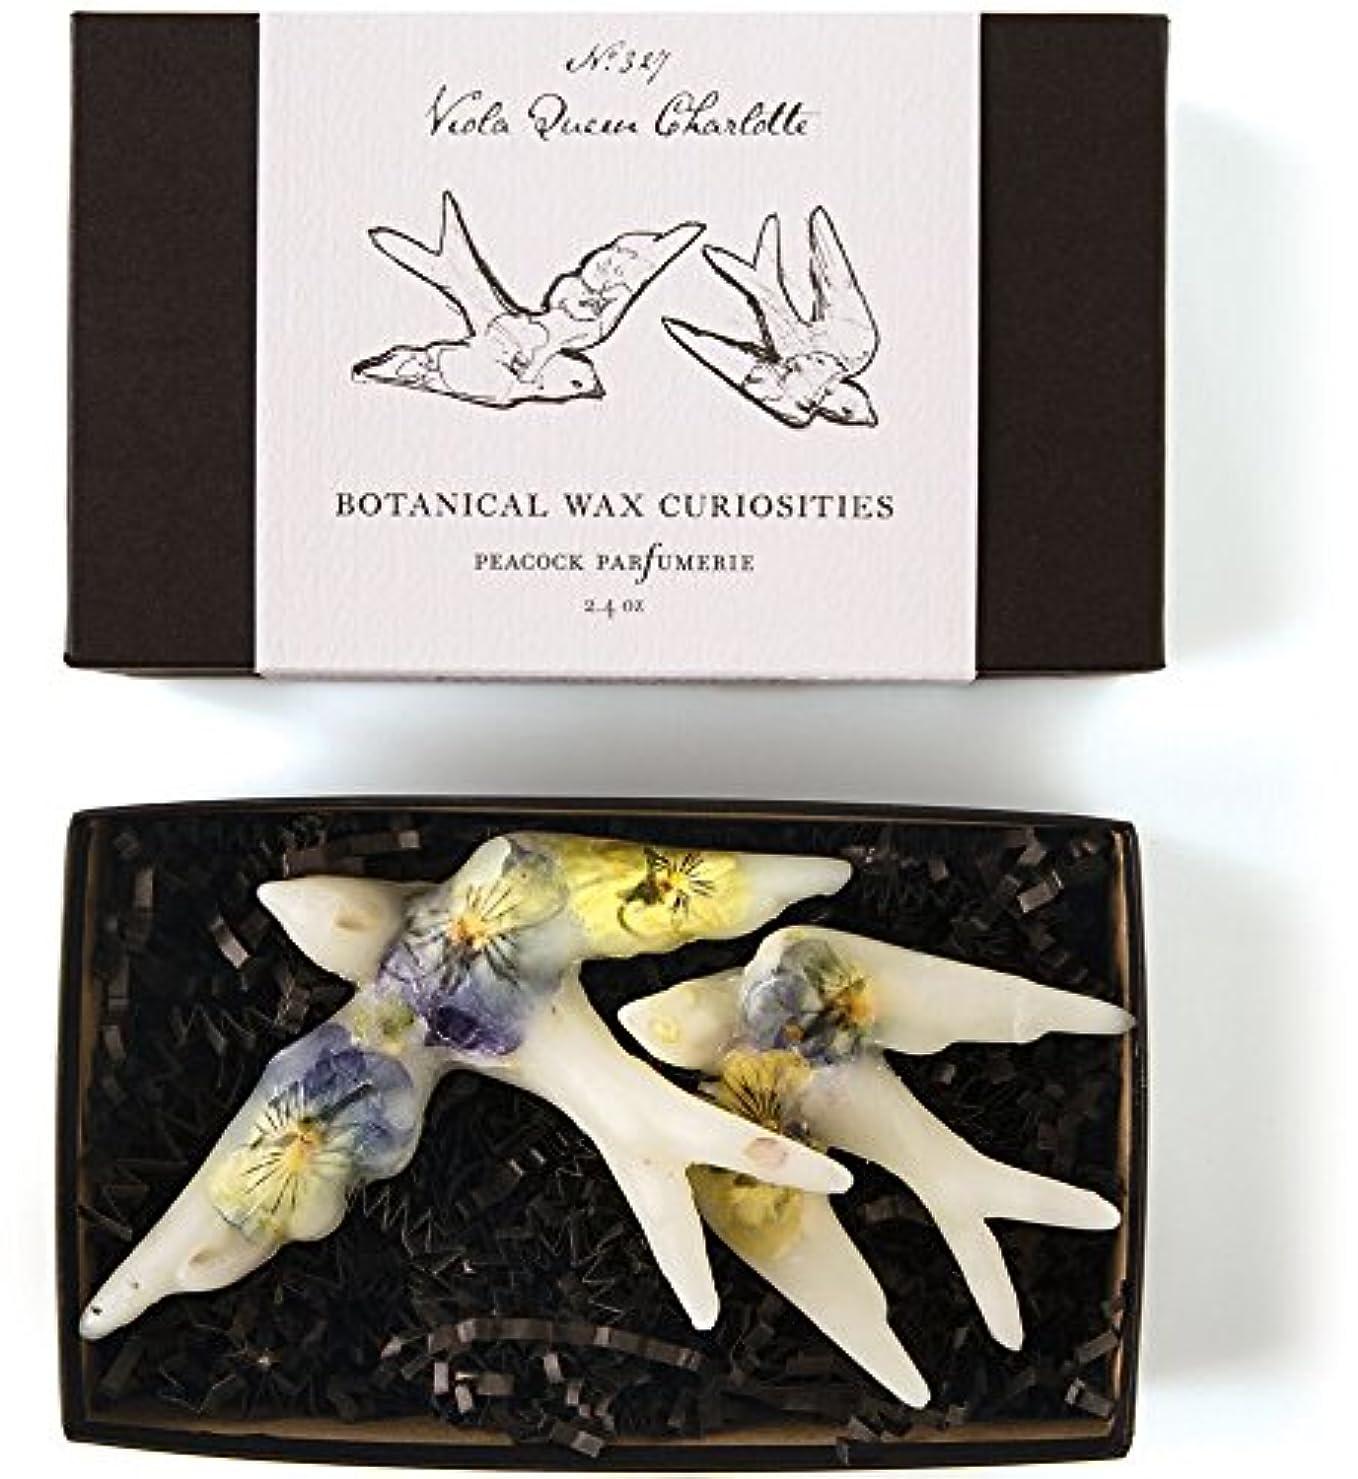 残り租界騒々しいロージーリングス ボタニスト ボタニカルワックスキュリオシティ ビオラクィーンシャーロット ROSY RINGS Botanist Collection Botanical Wax Curiosities – Viola...